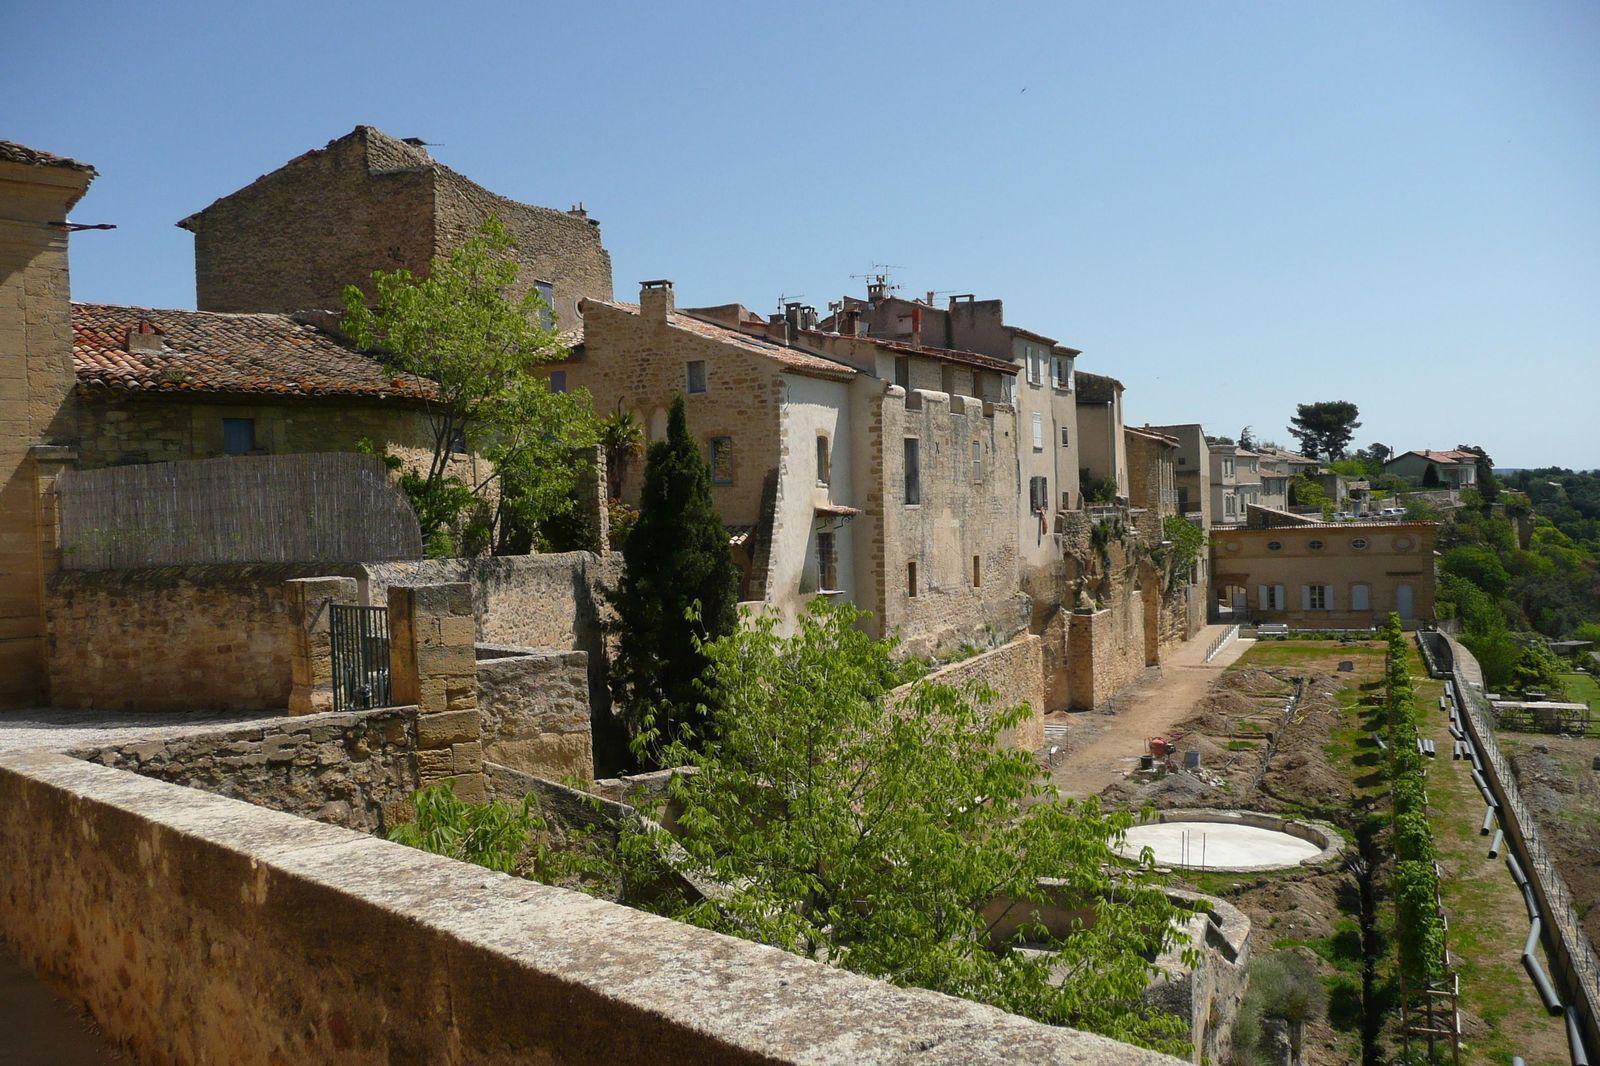 Lauris, Petit Village de provence surplombant la Durance